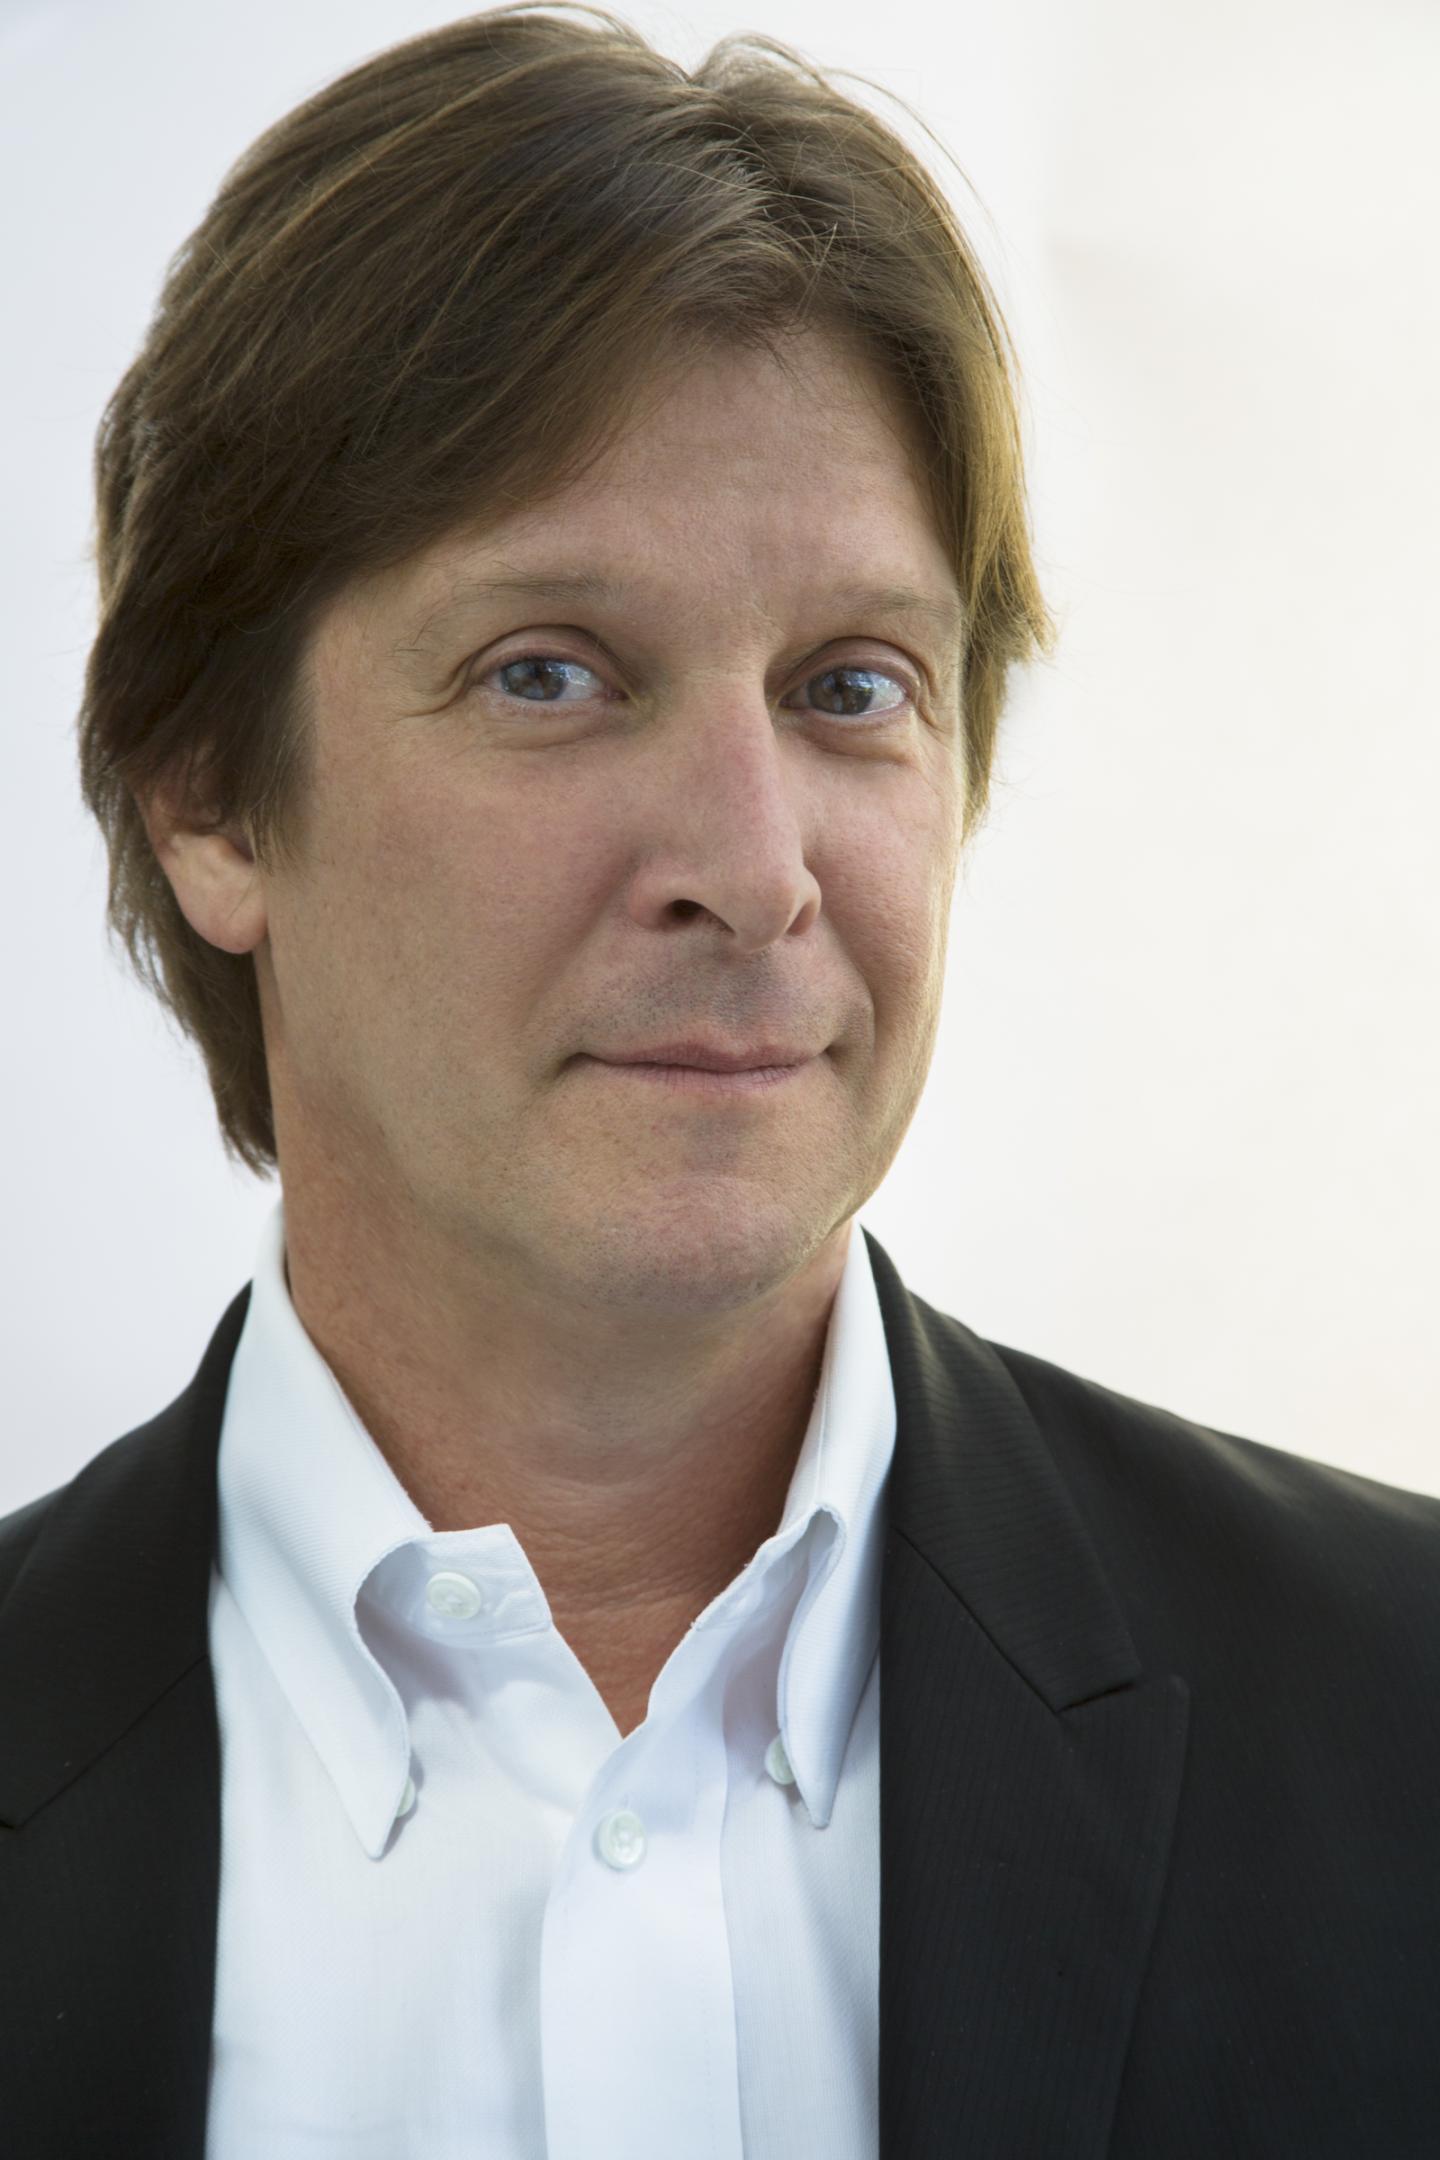 Dr. Stephen Schoenberger